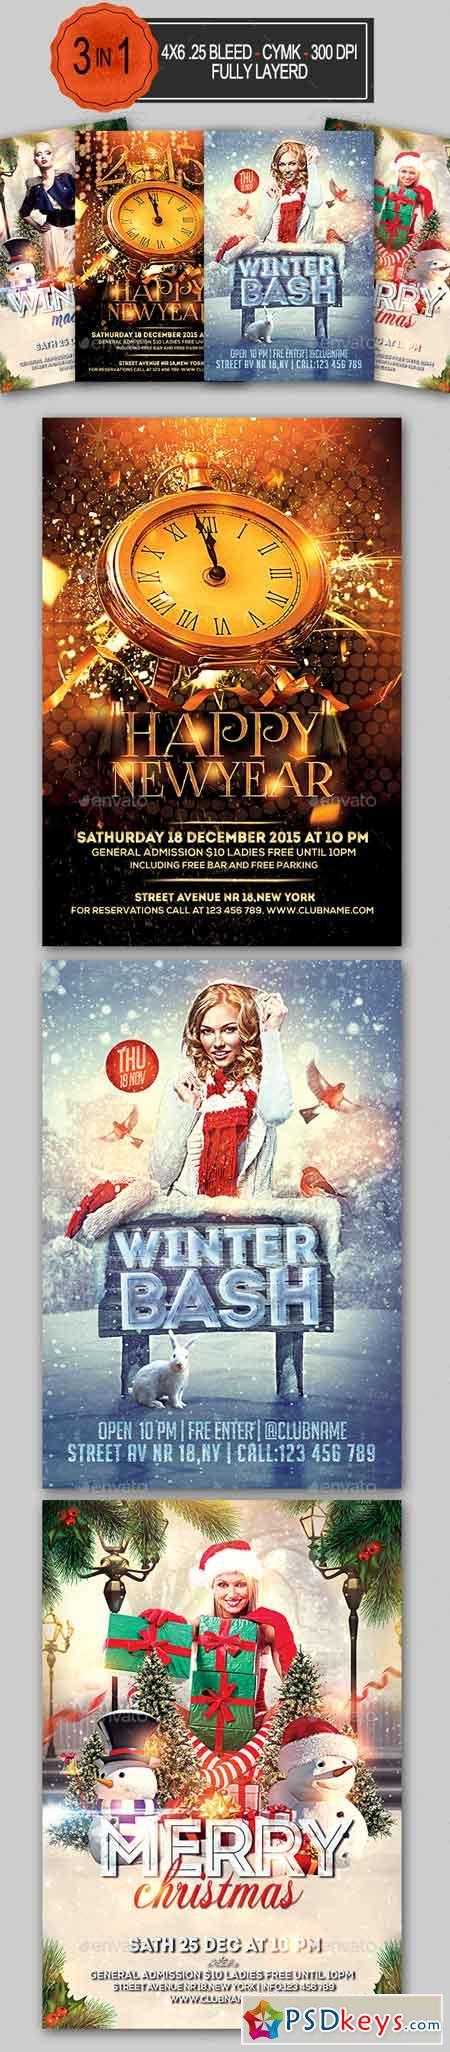 holiday flyer bundle photoshop vector holiday flyer bundle 13271268